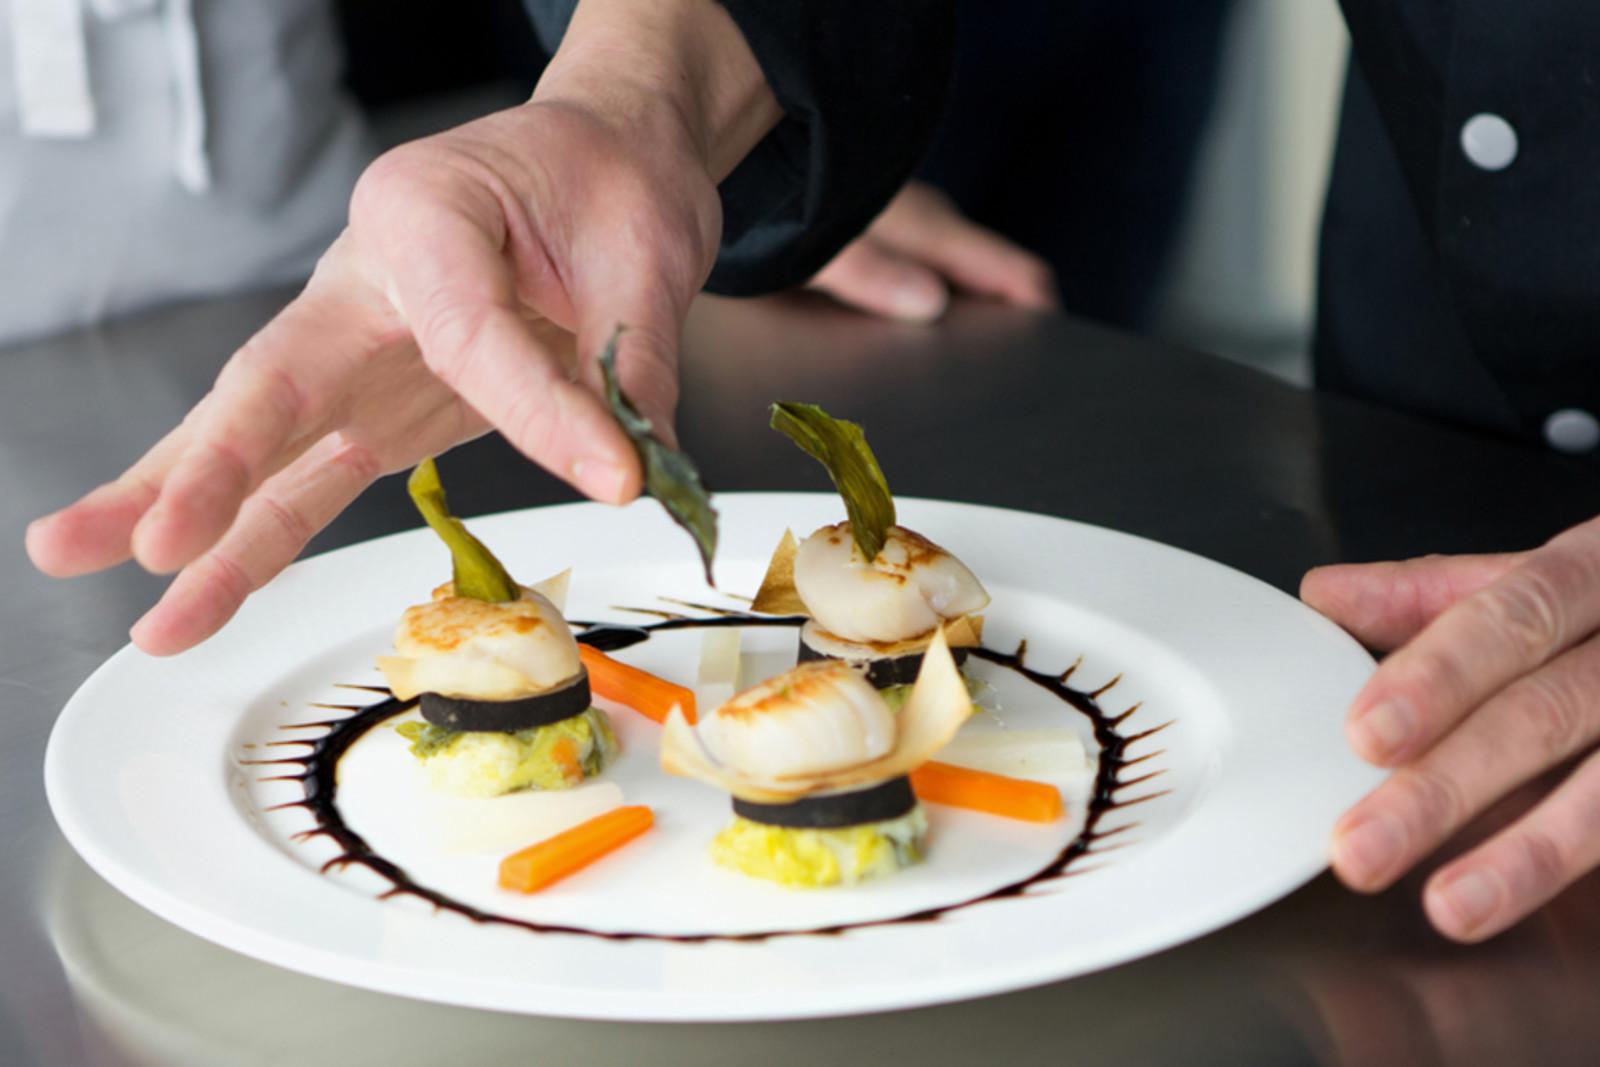 Cours de cuisine domicile avec emotions culinaires for Wonderbox cours de cuisine